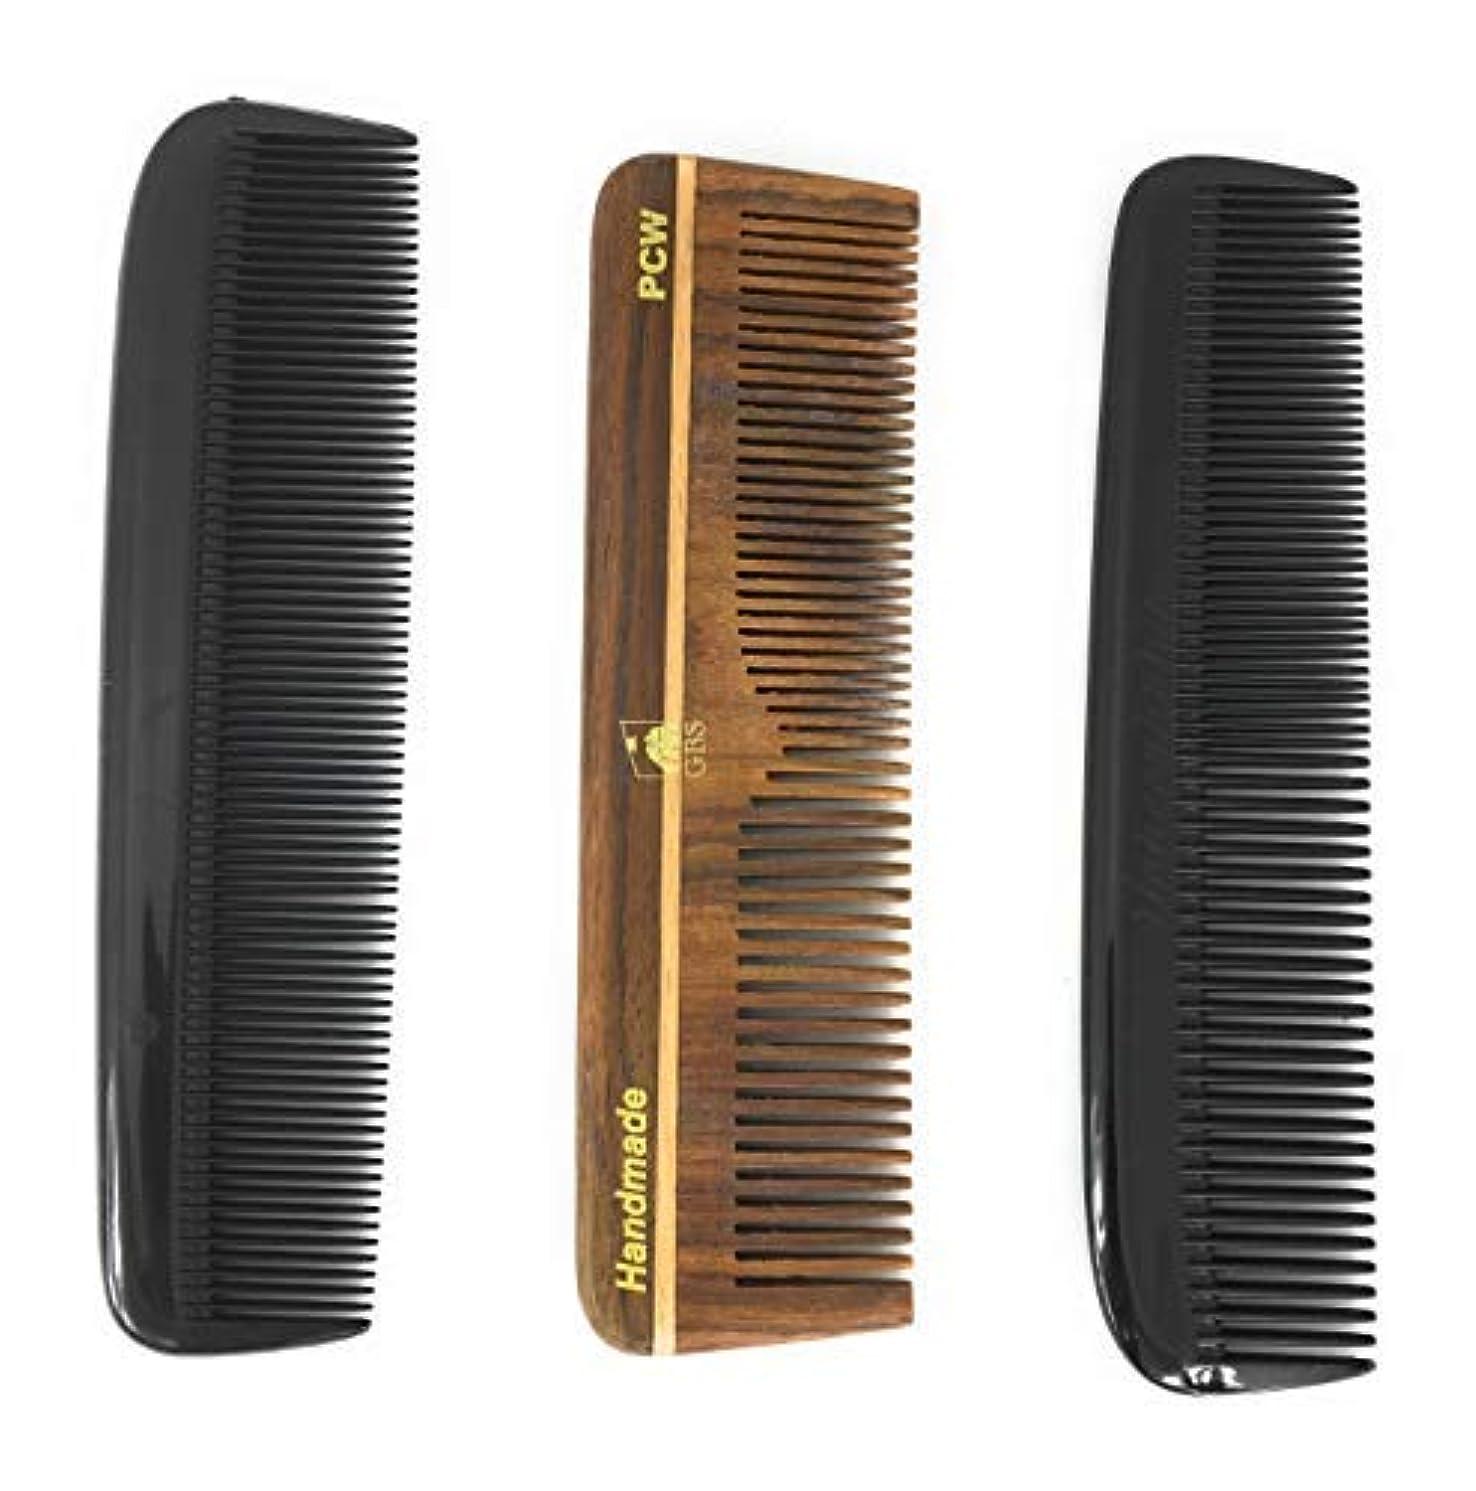 くま計算可能薬剤師GBS Hair Comb Variety 3 pack - 5